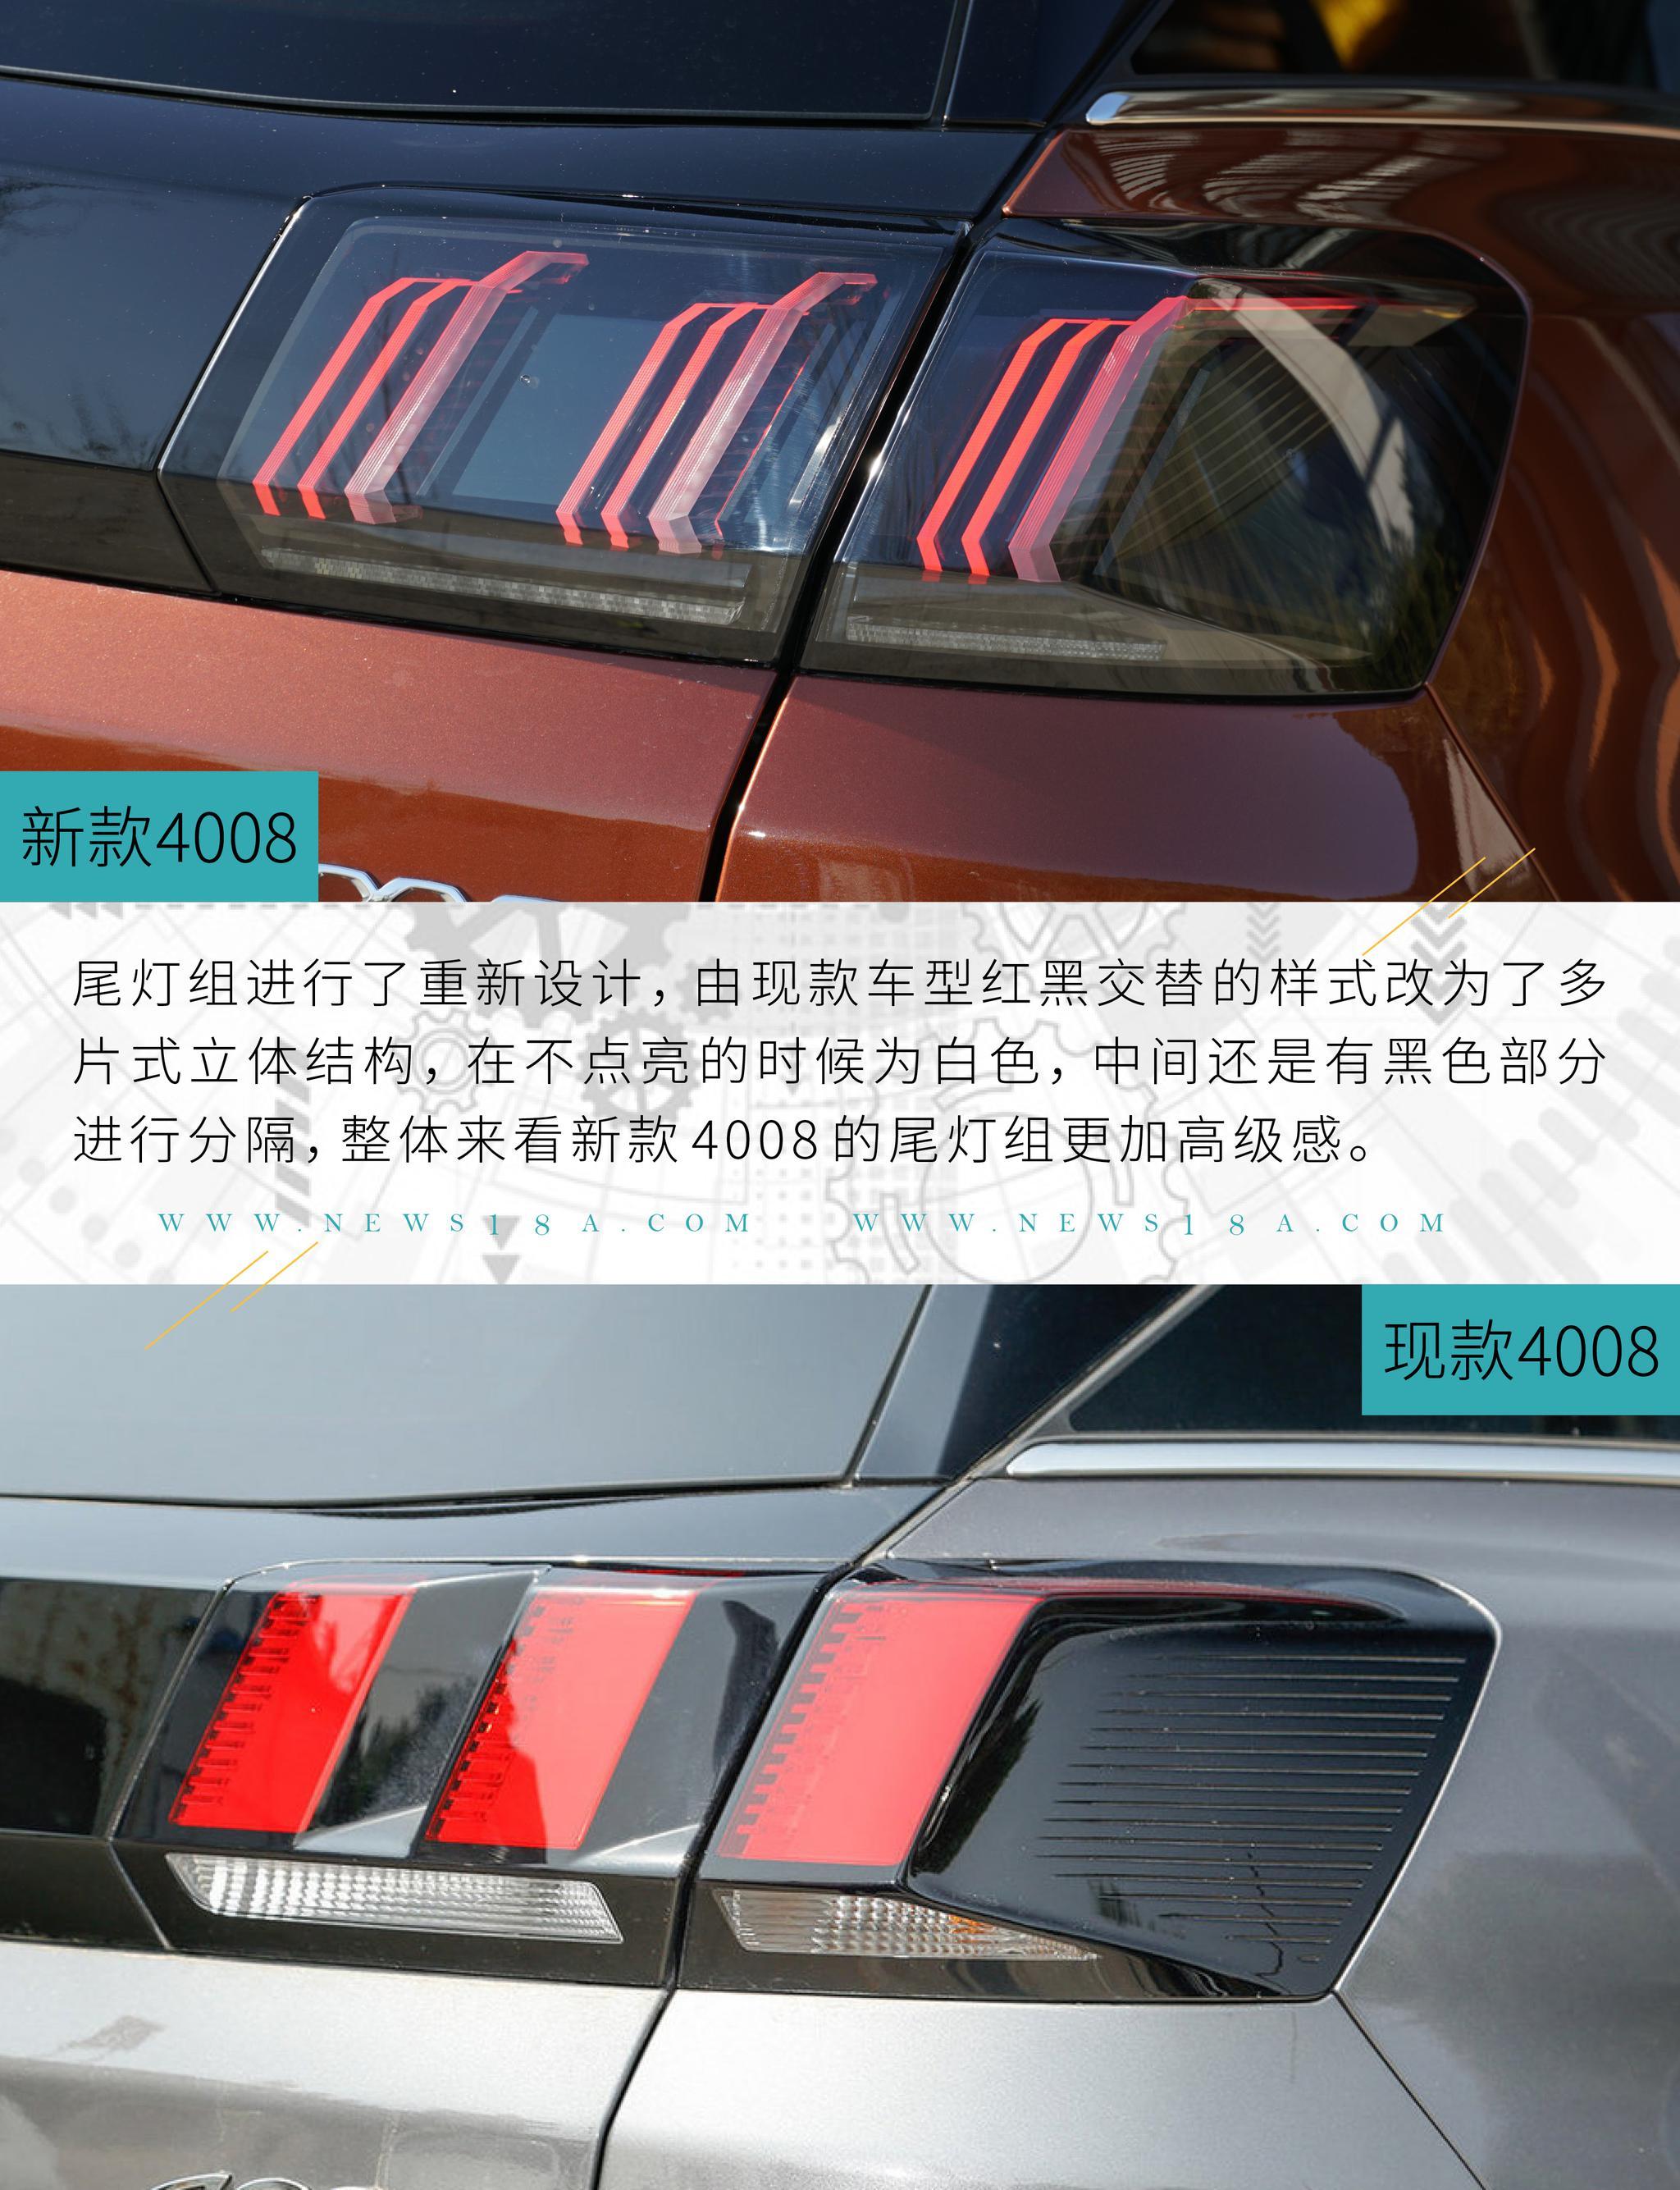 一次成功的改头换面 新老款东风标致4008对比